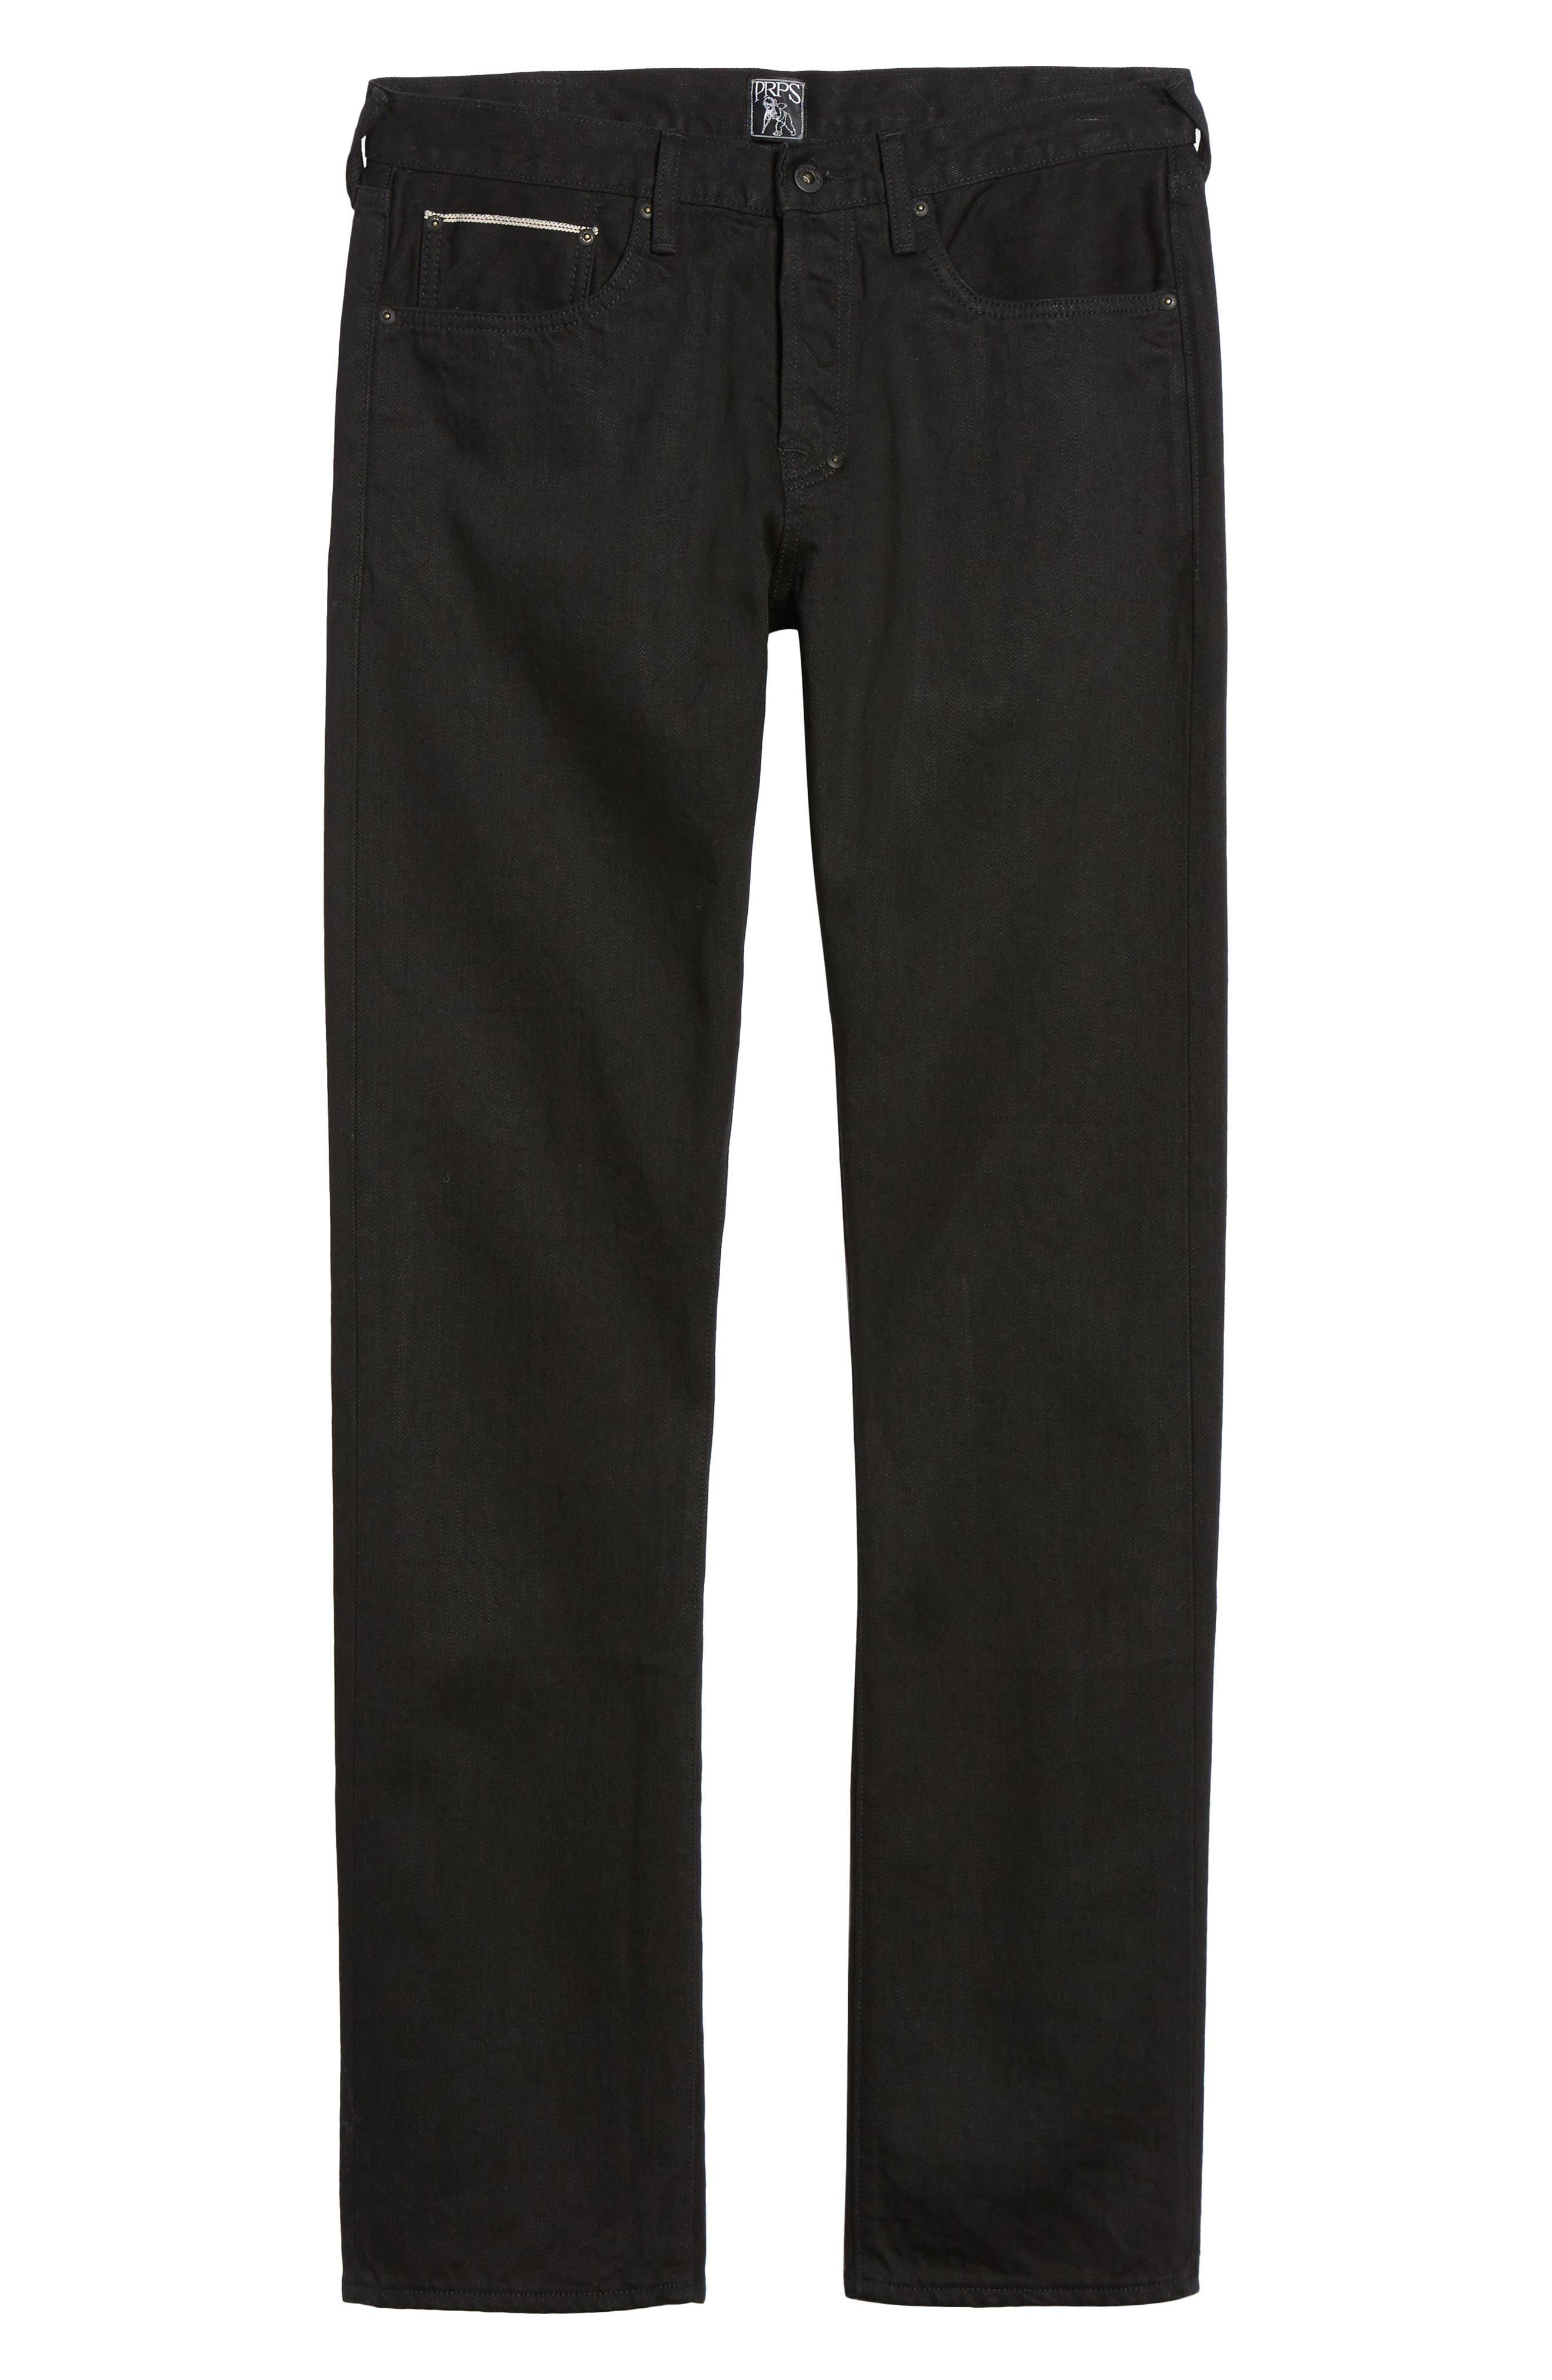 Demon Slim Straight Leg Jeans,                             Alternate thumbnail 6, color,